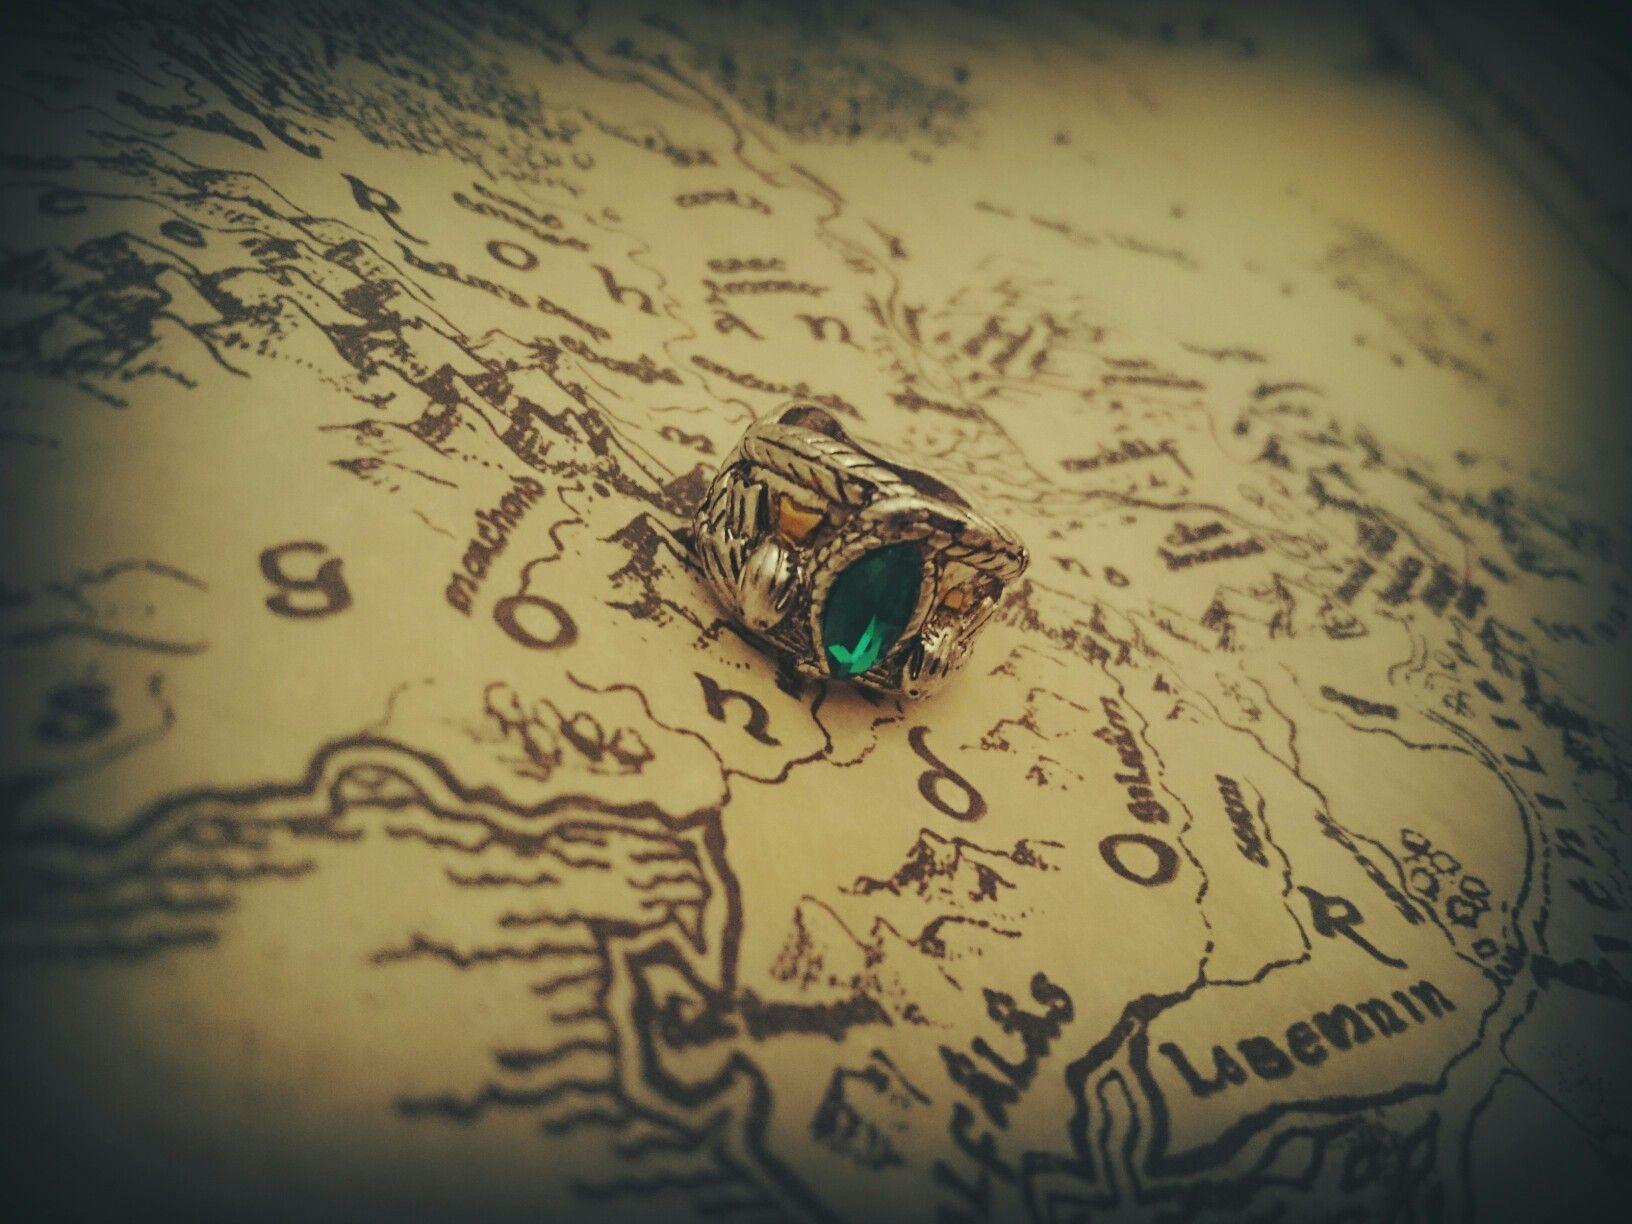 Du bist Isildurs Erbe, nicht Isildur selbst... Aragorn, Arathorns Sohn und Thronerbe von Gondor... (Barahirs Ring)